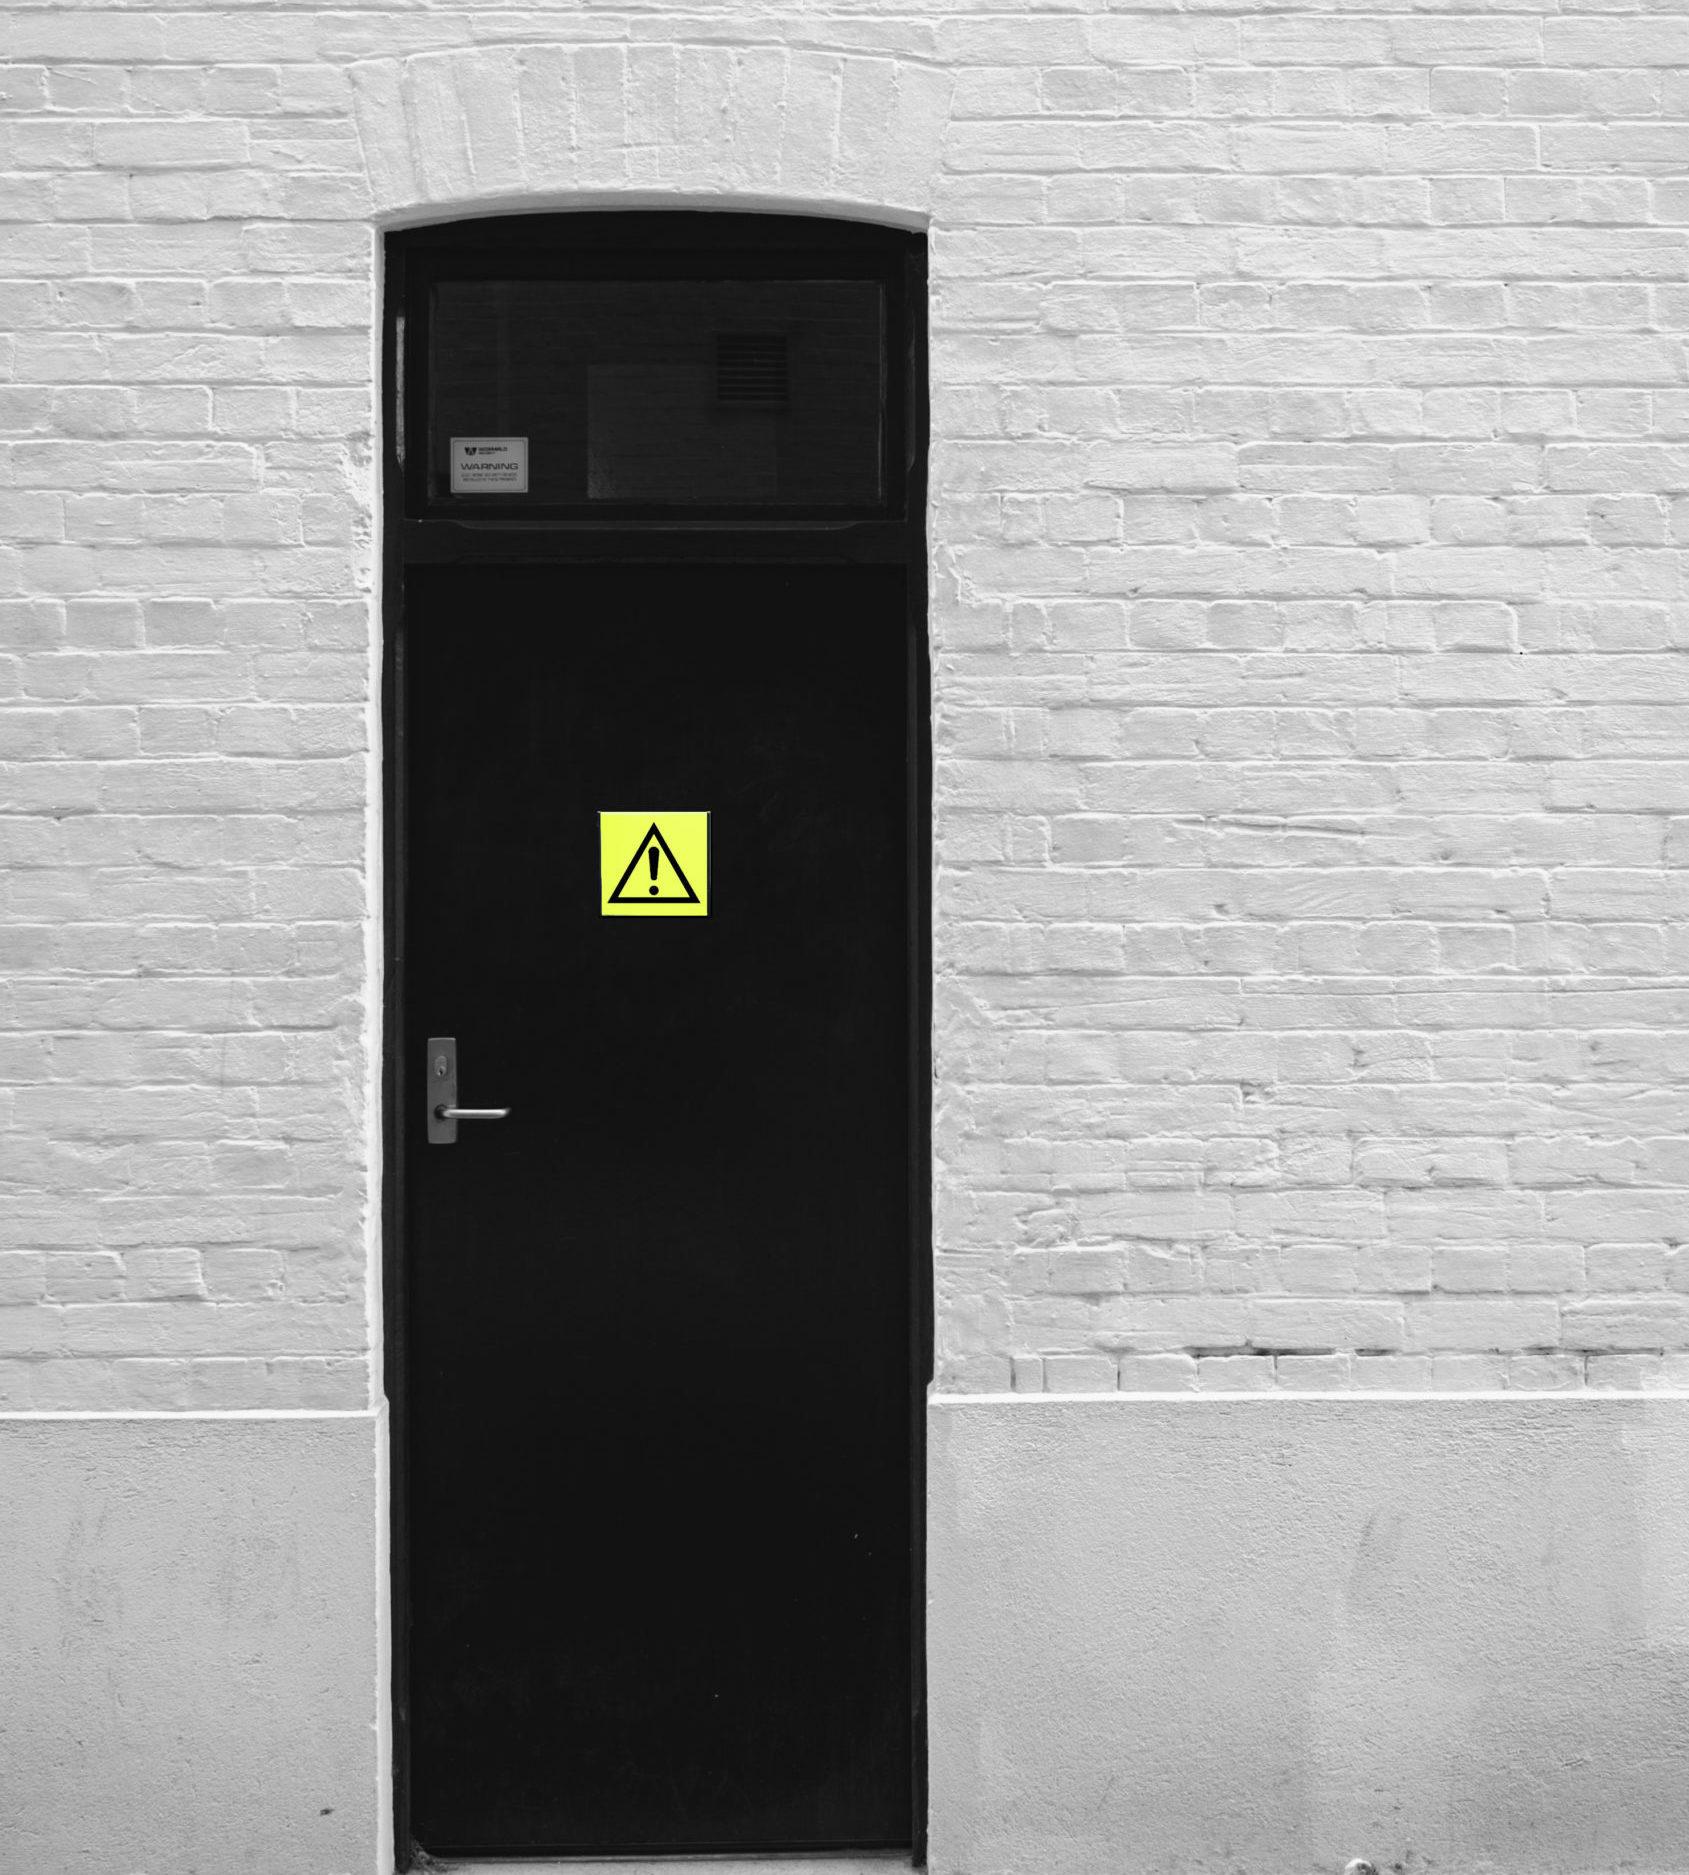 Bendras pavojaus ženklas ant juodų durų